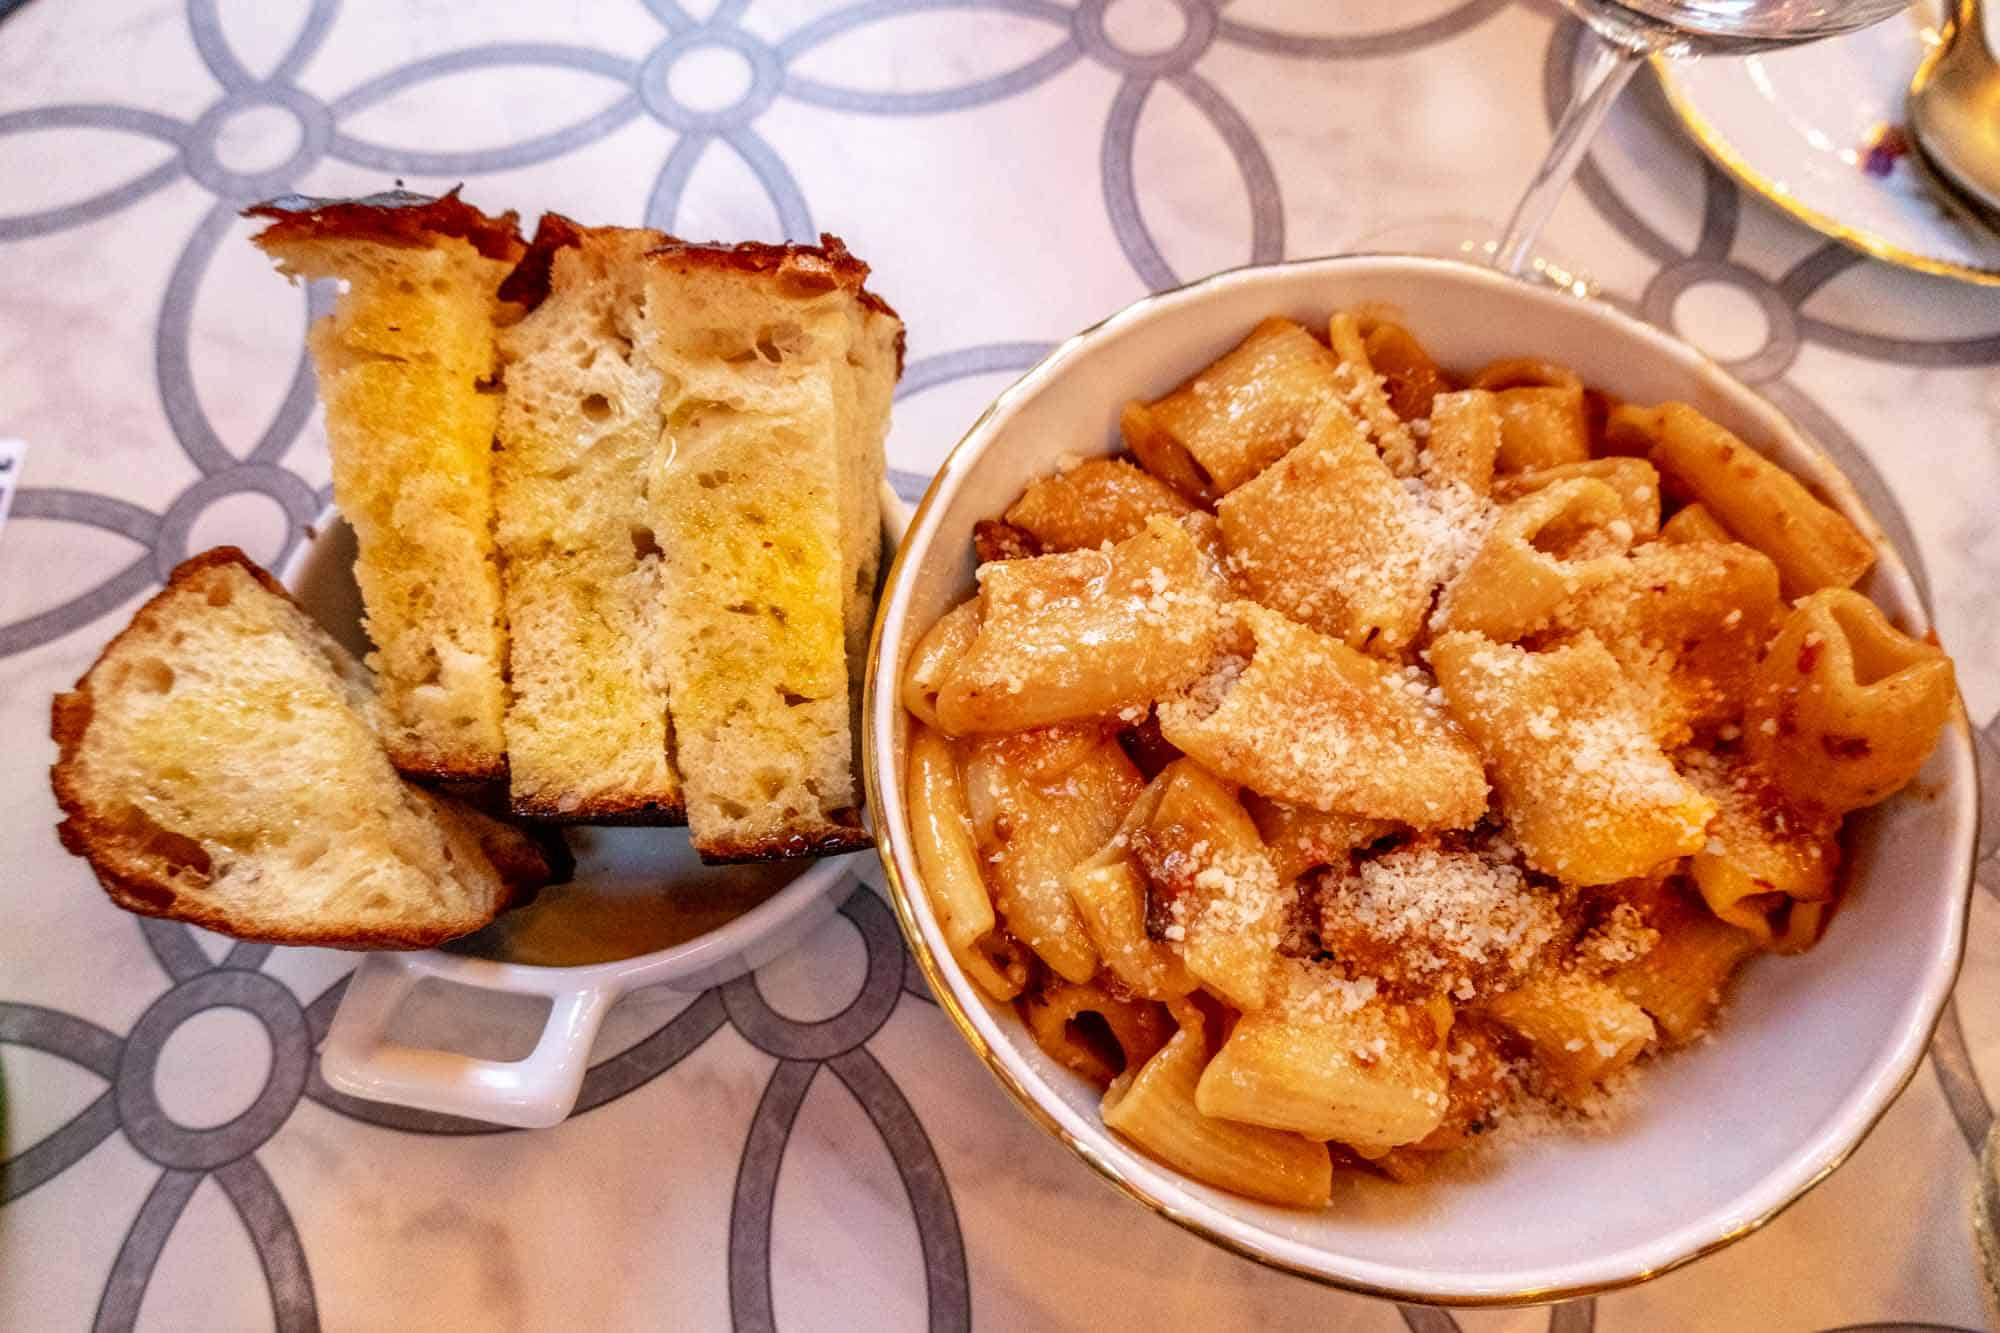 Bowl of rigatoni pasta, plus side of focaccia bread